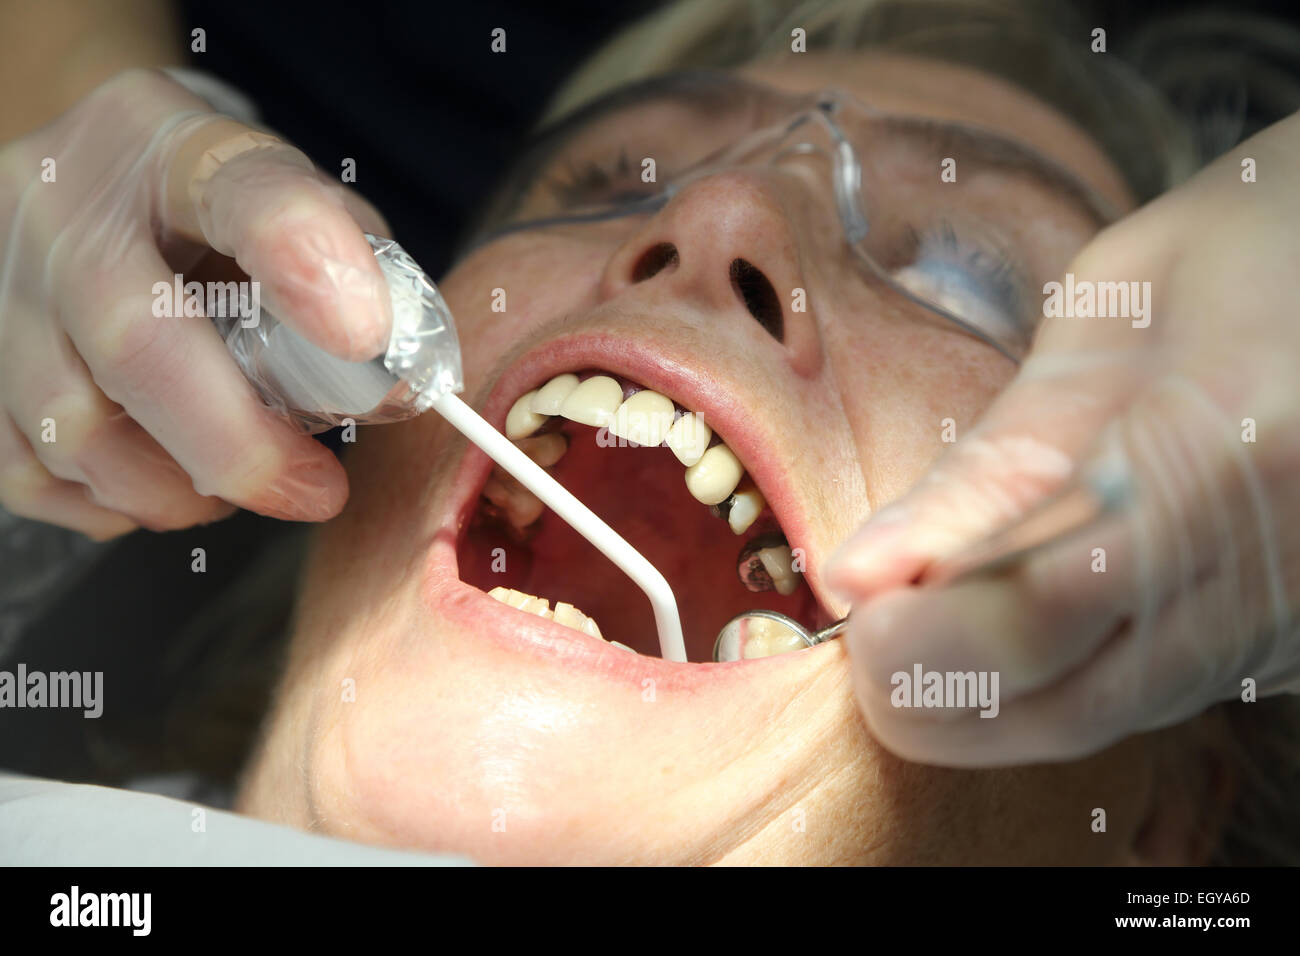 Donna al dentista - modello rilasciato Immagini Stock